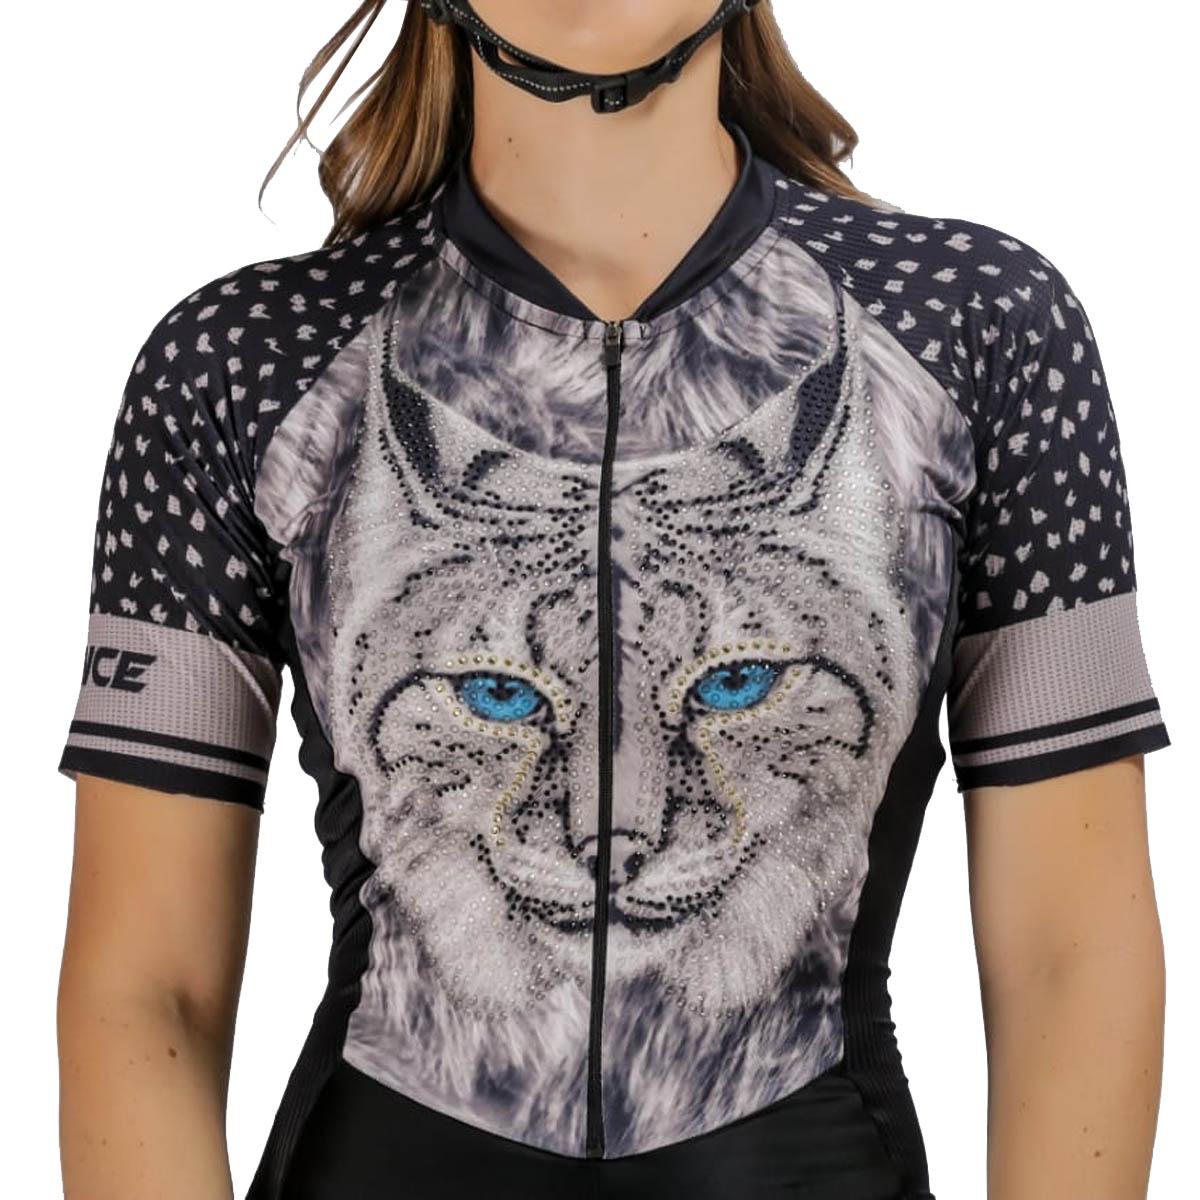 Macaquinho Lynce Feminino Sapphire Eye Animal Print com Pedras Preto Ciclismo